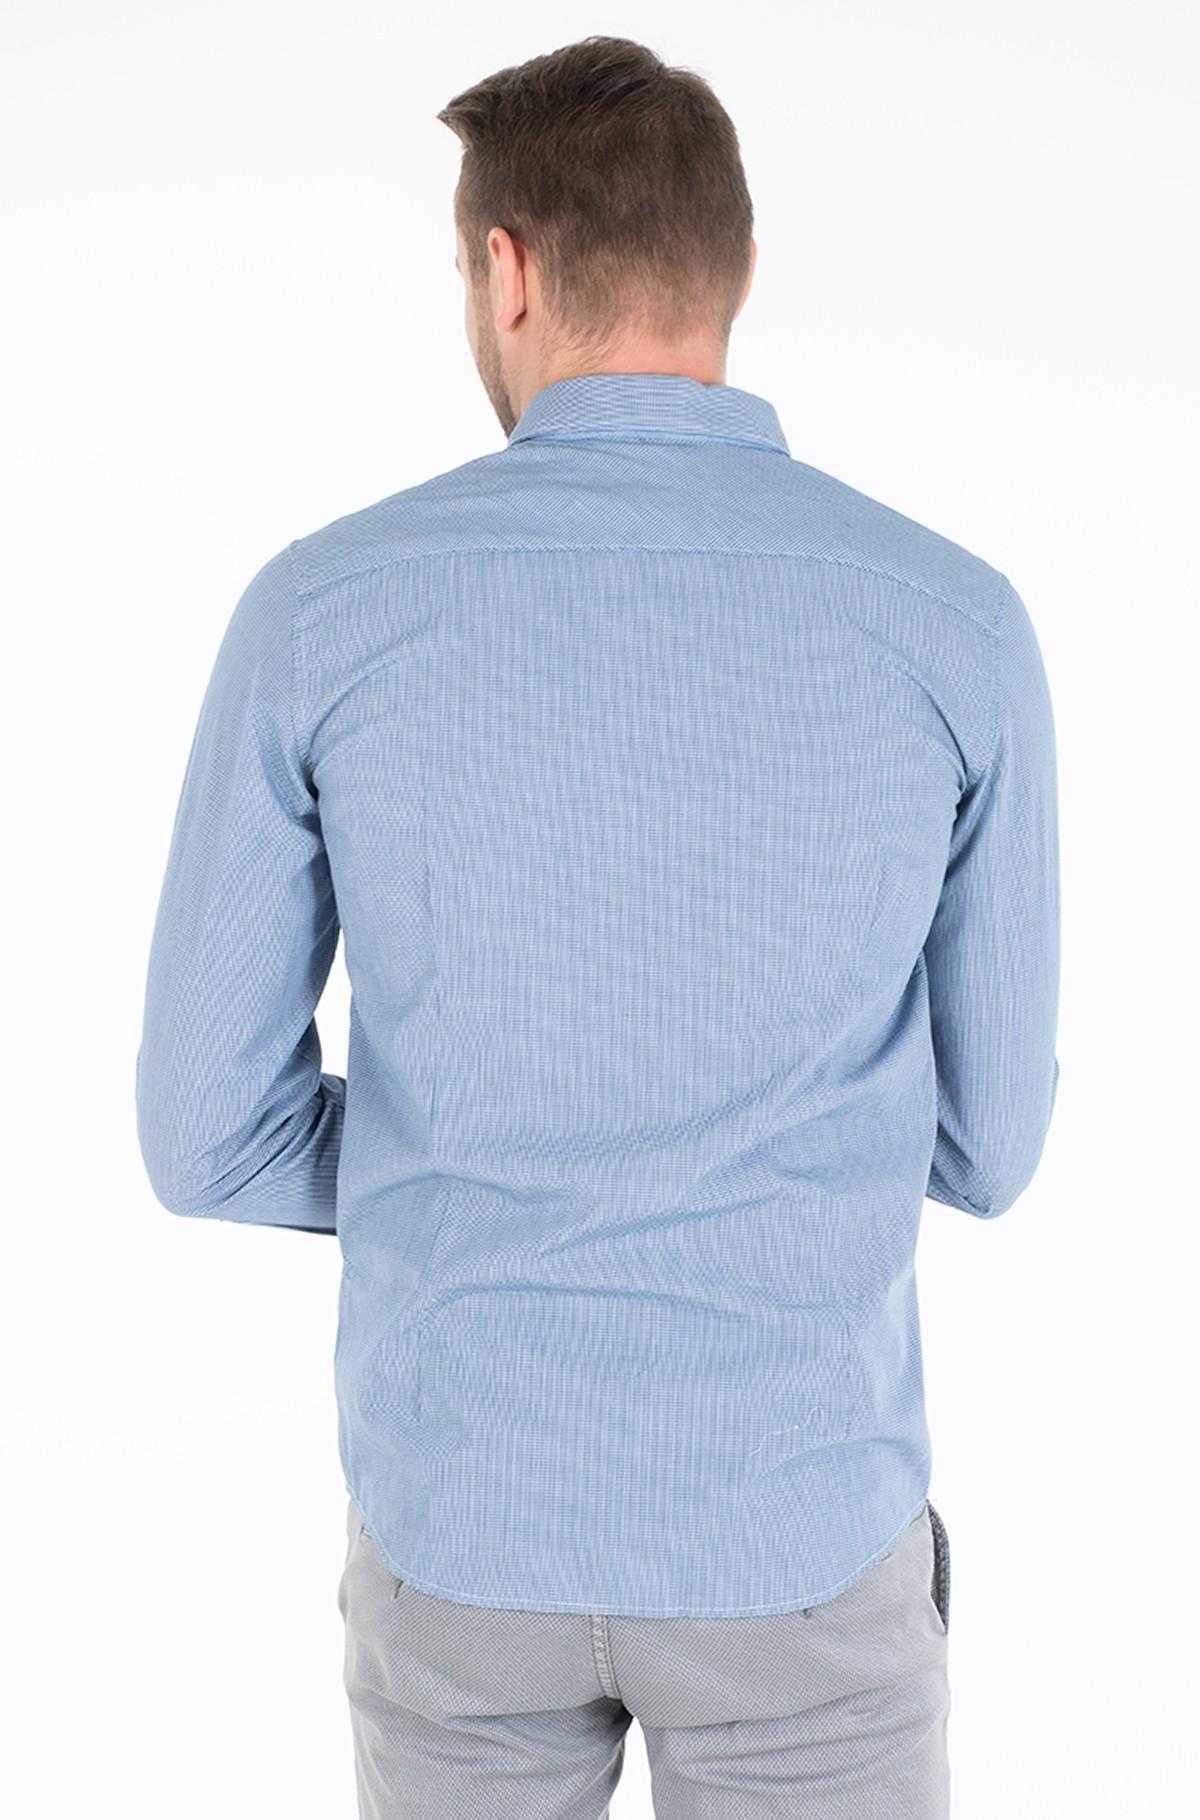 Marškiniai DYLAN/PM306159-full-2